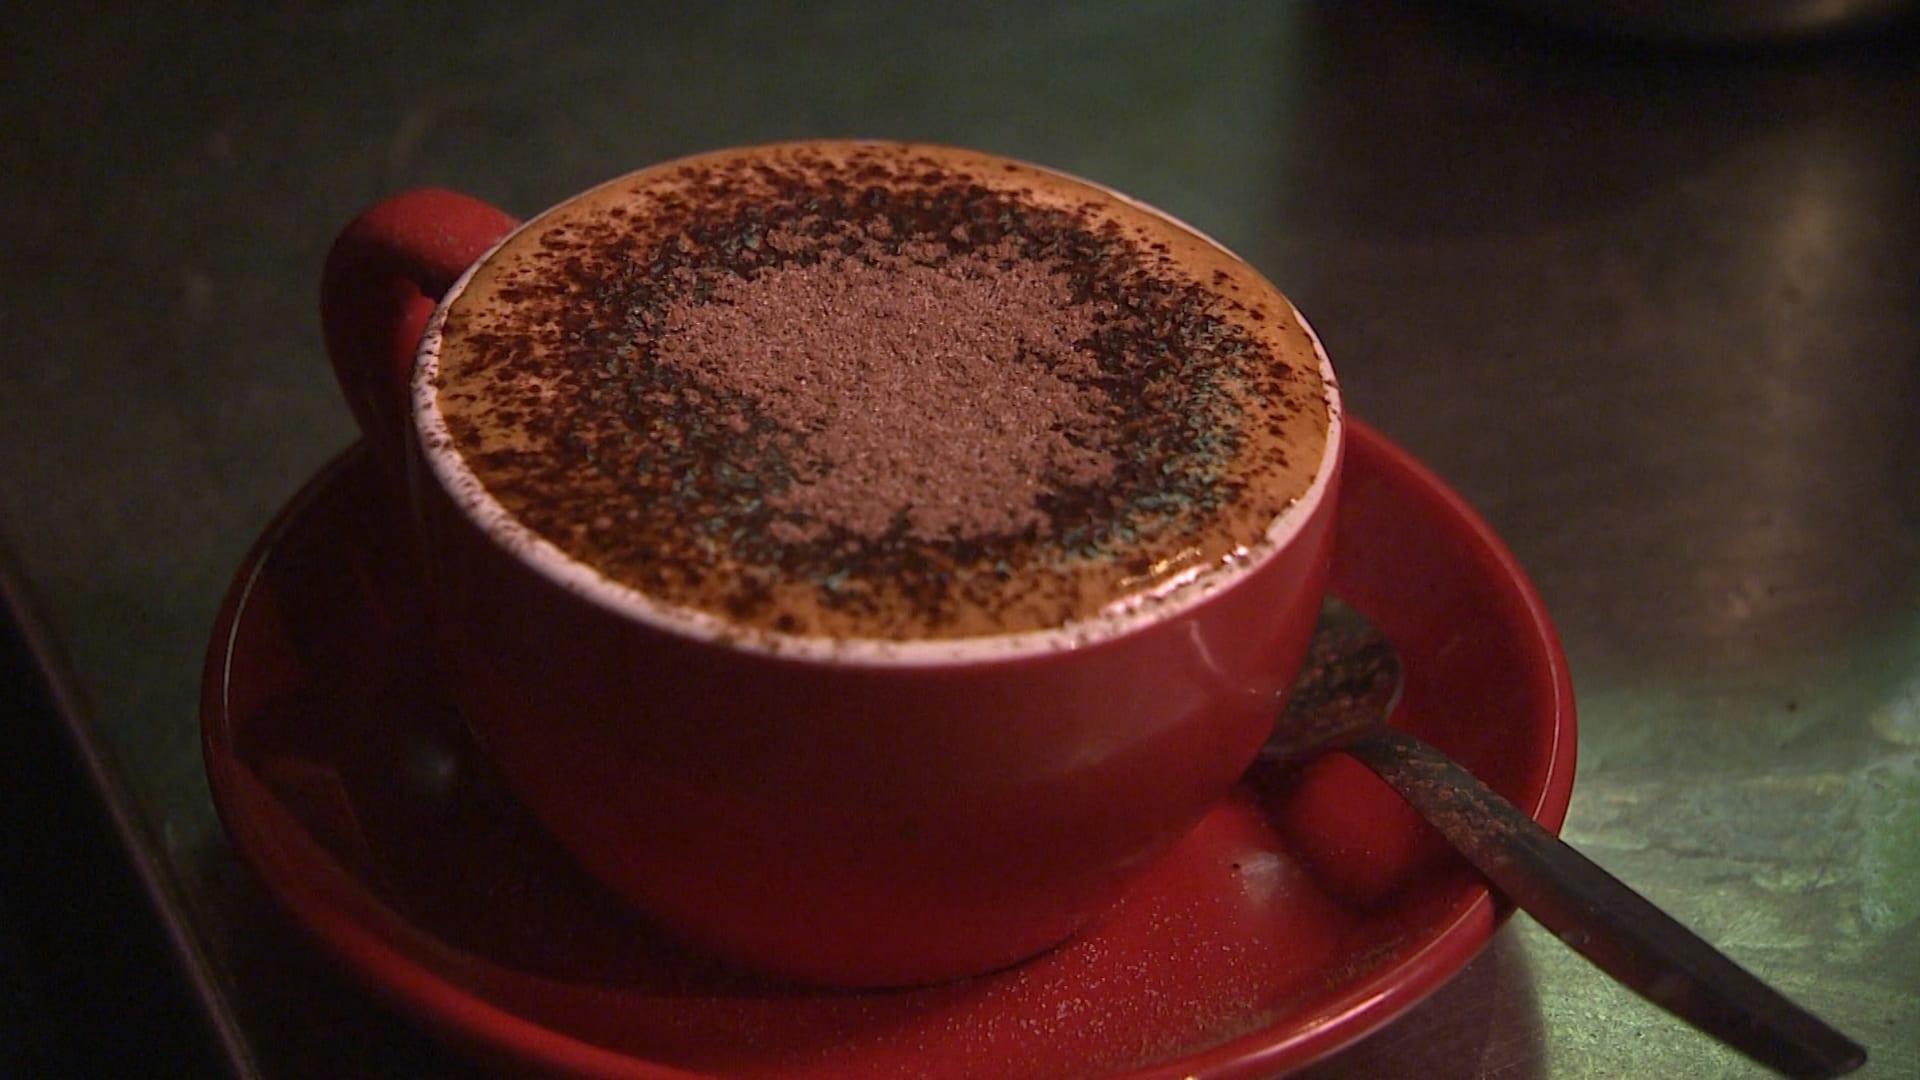 هل تحتاج إلى شرب الكثير من القهوة كل يوم؟ السبب في ذلك قد يكون مرتبطًا بجيناتك